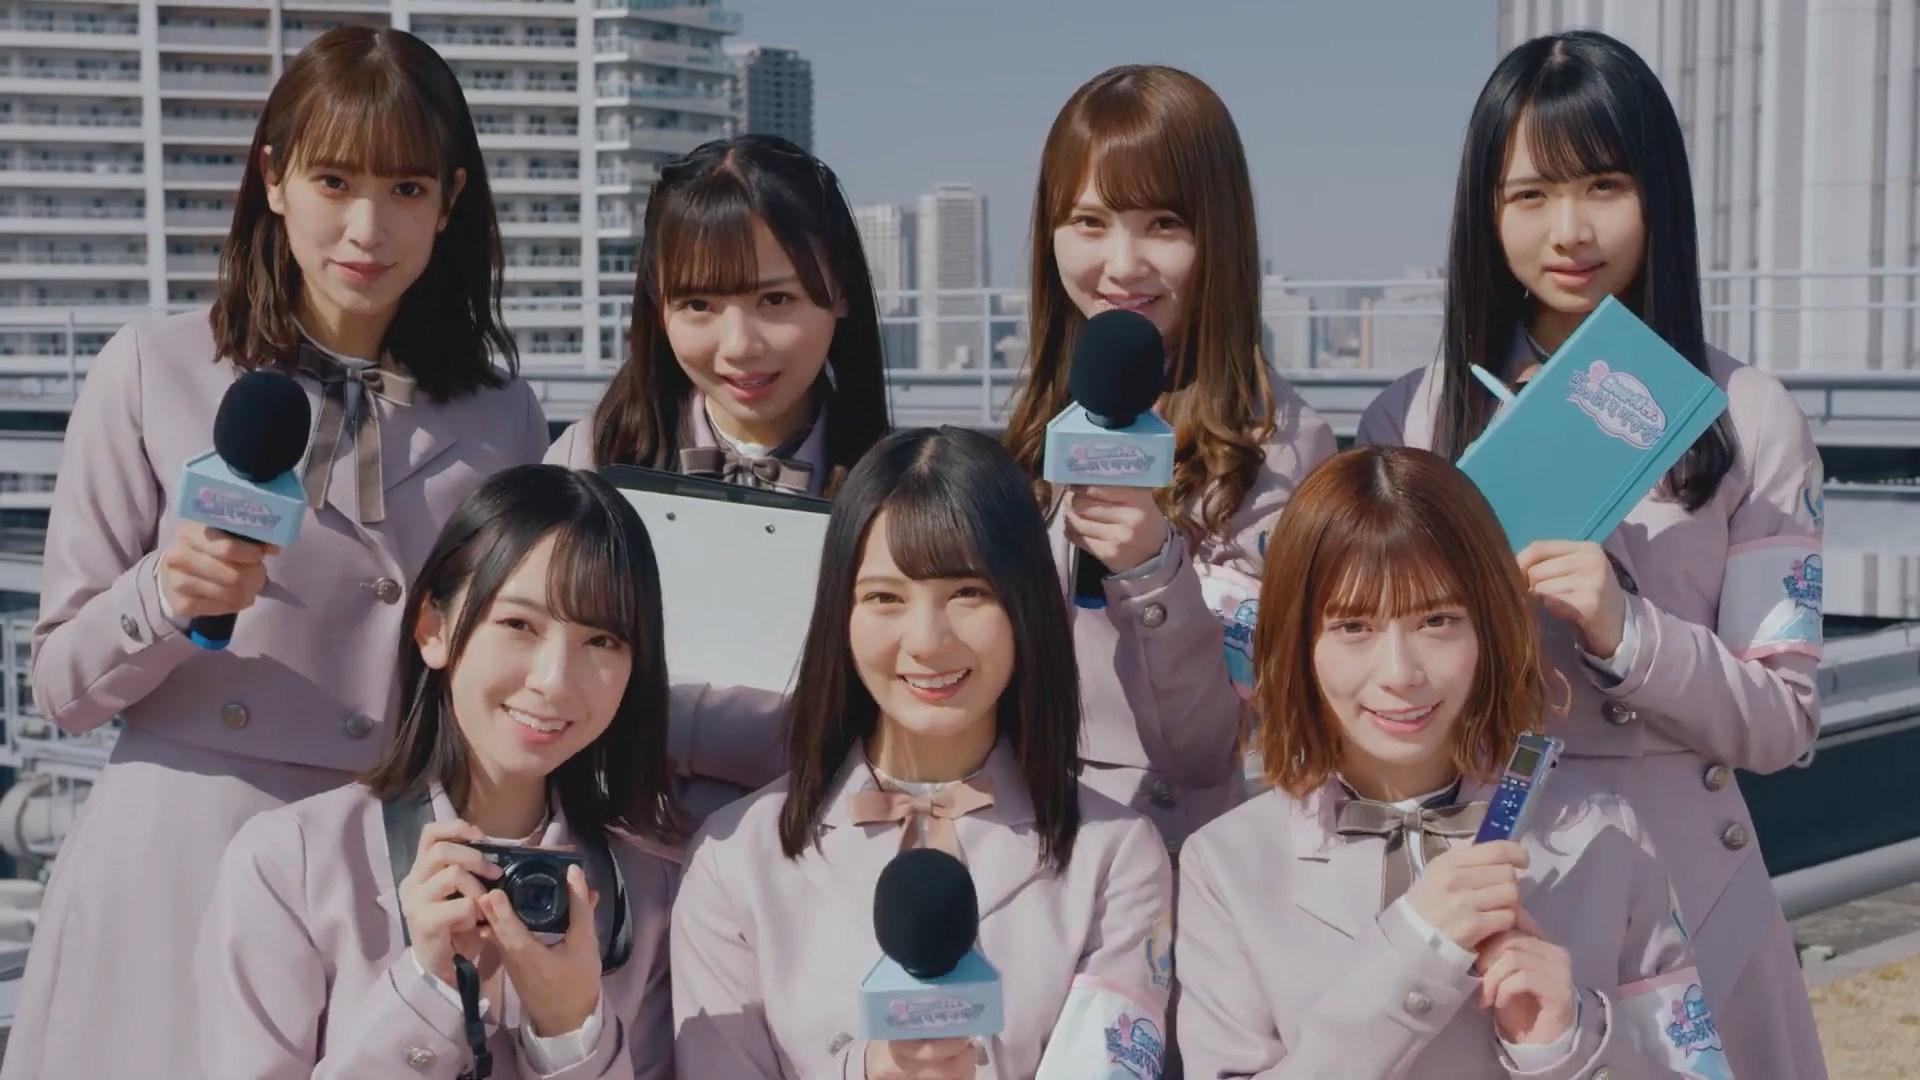 日向坂46です ちょっといいですか 動画 日向坂46 『ソンナコトナイヨ』